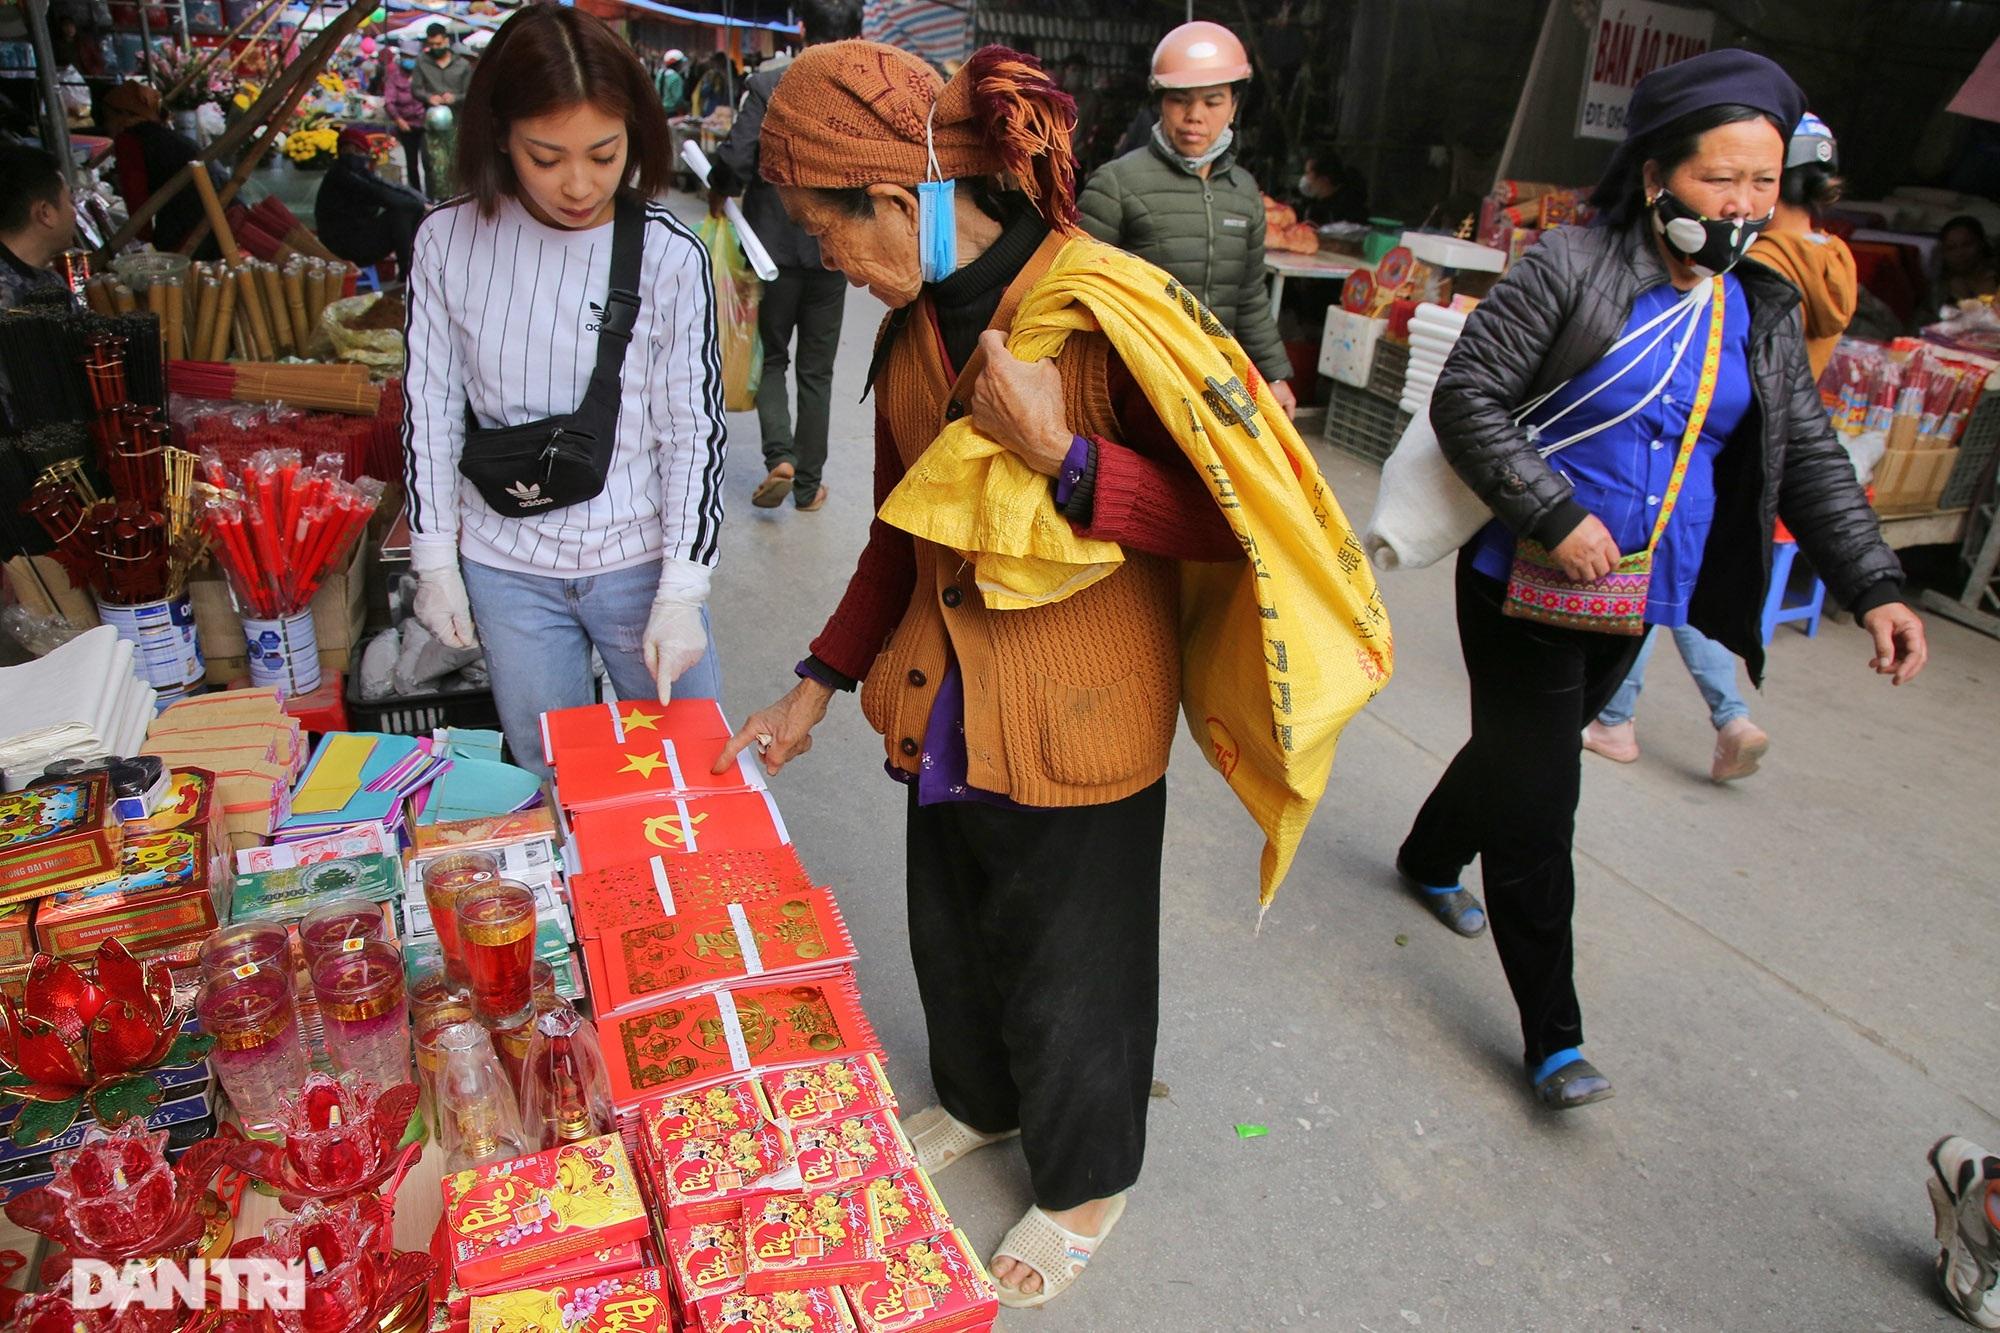 Người dân nhộn nhịp mua cờ tổ quốc về trang trí Tết ở phiên chợ cuối năm - 5